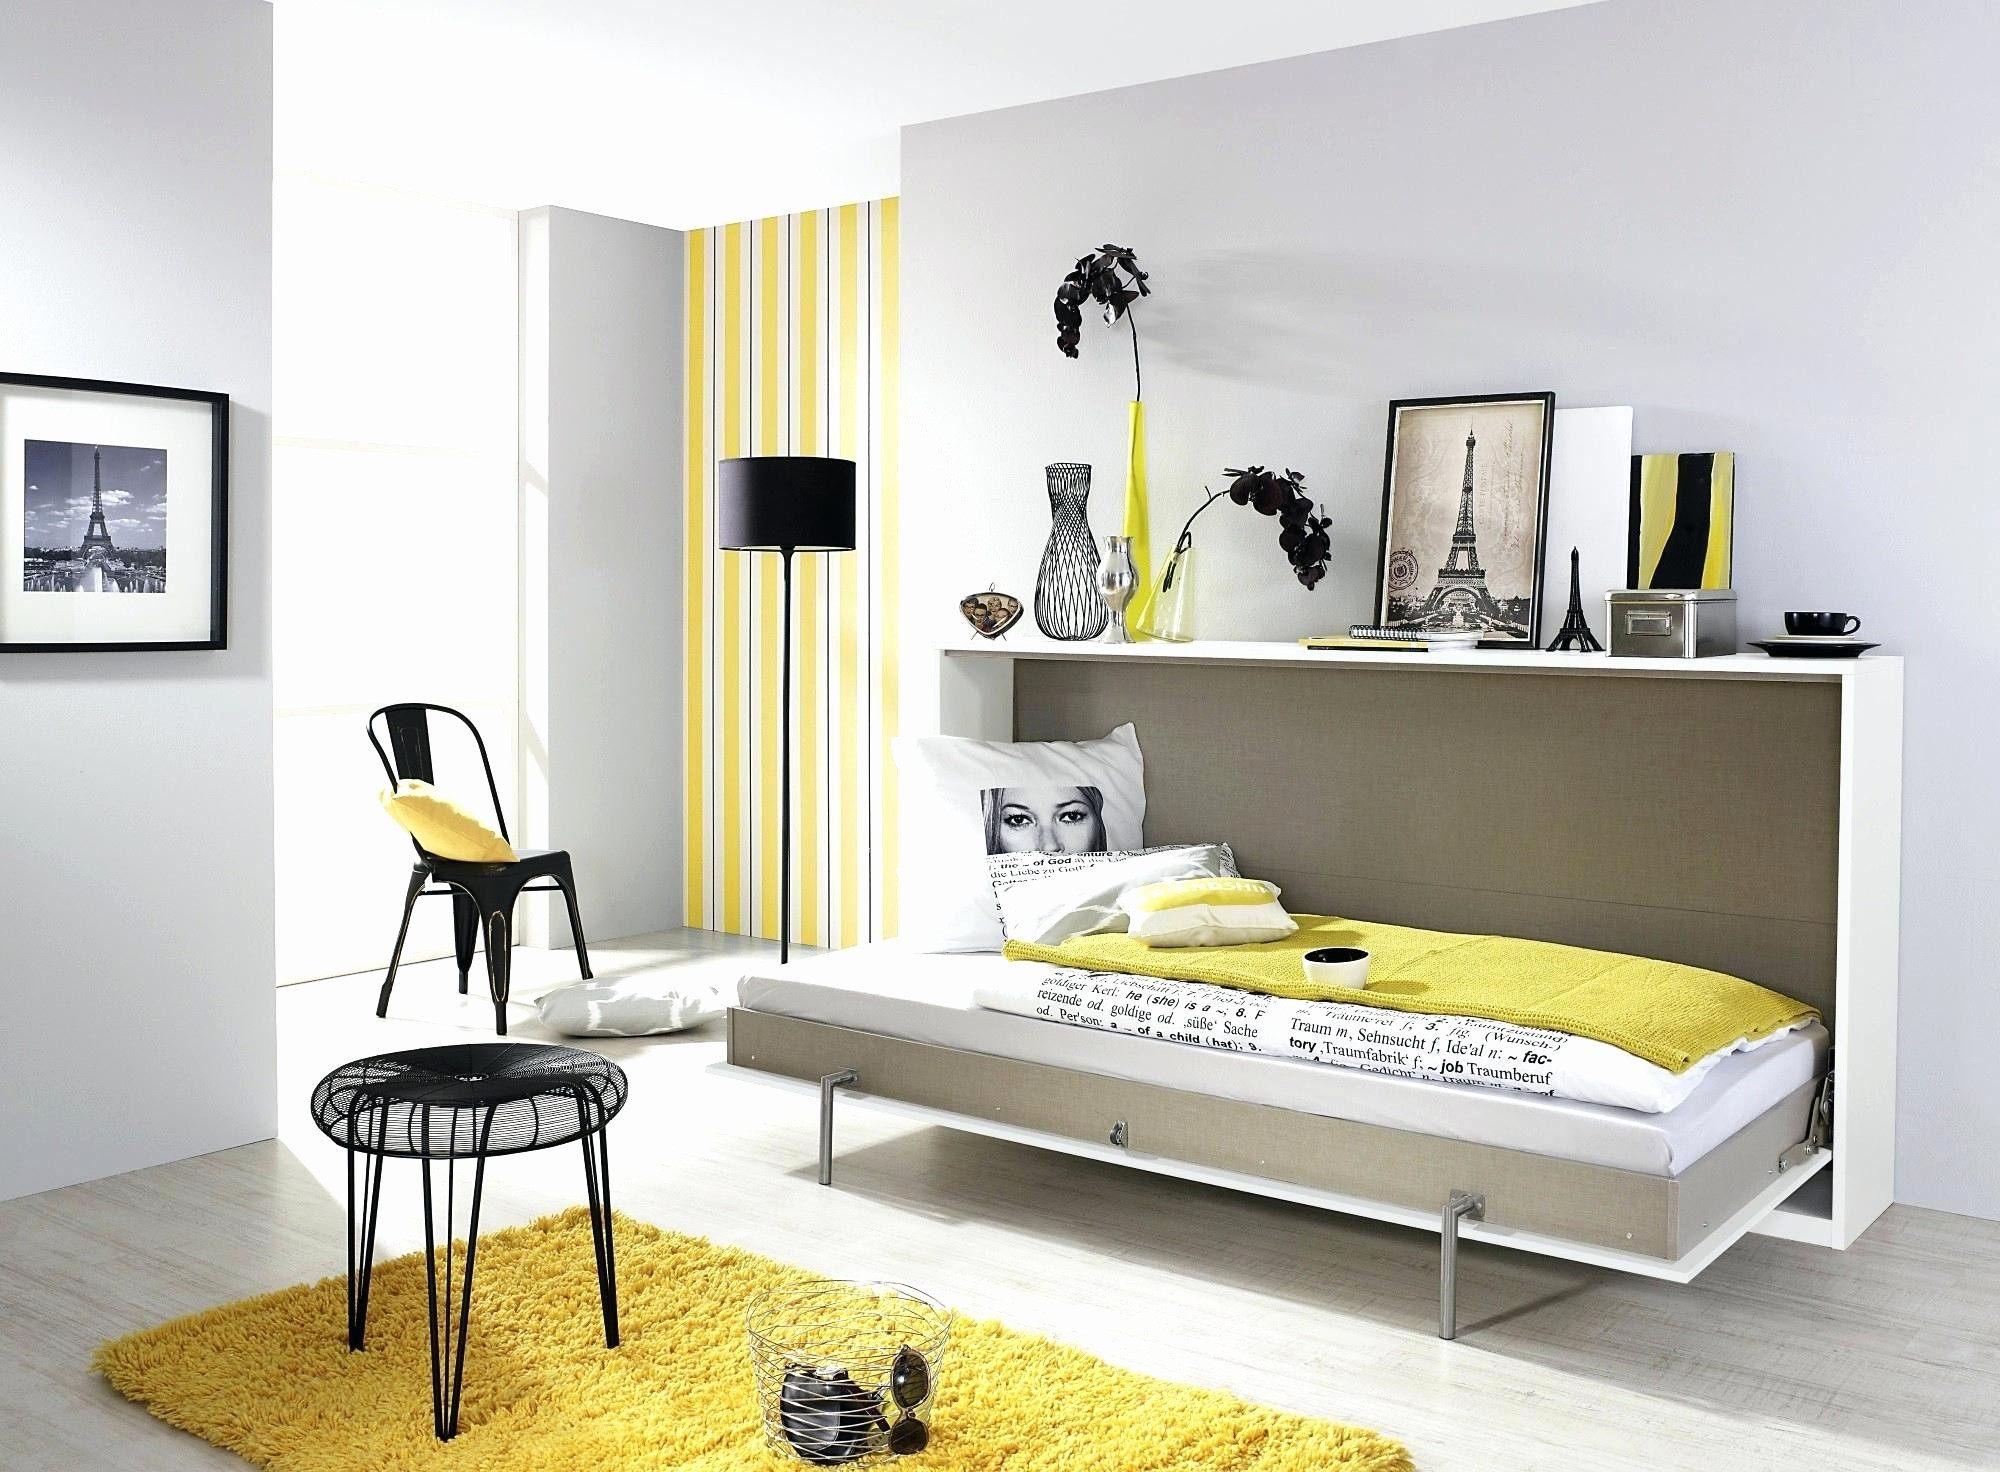 Ikea Lit Extensible Inspiré Matelas Pour Lit Evolutif Ikea Chambre Evolutive Ikea Génial Matelas